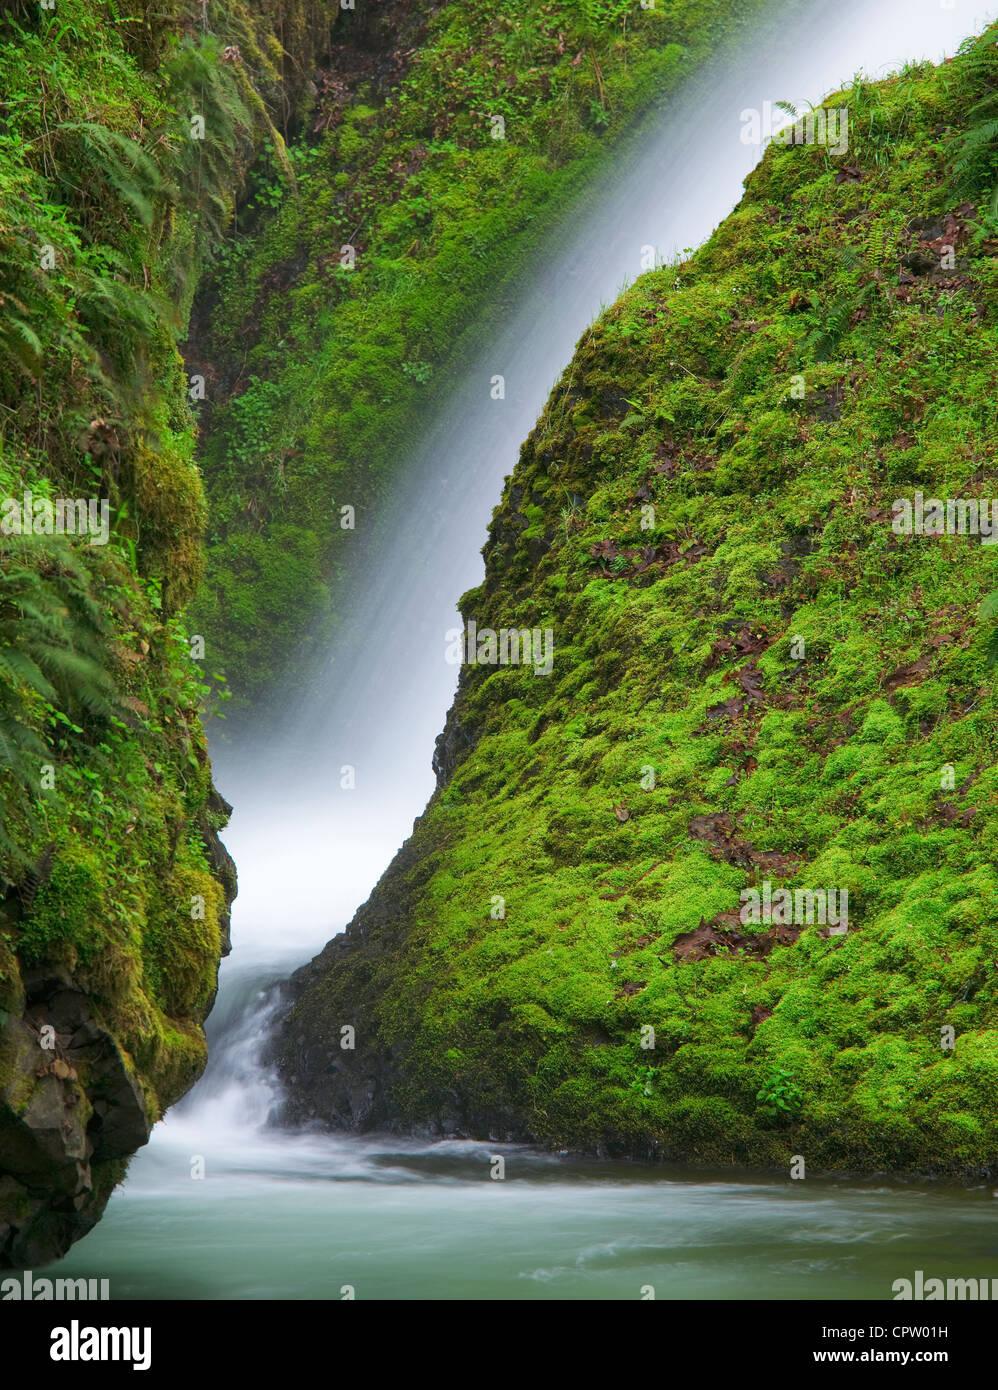 Mount Hood National Forest, O: Dettaglio di Bridal Veil Falls e moss rocce coperte Immagini Stock